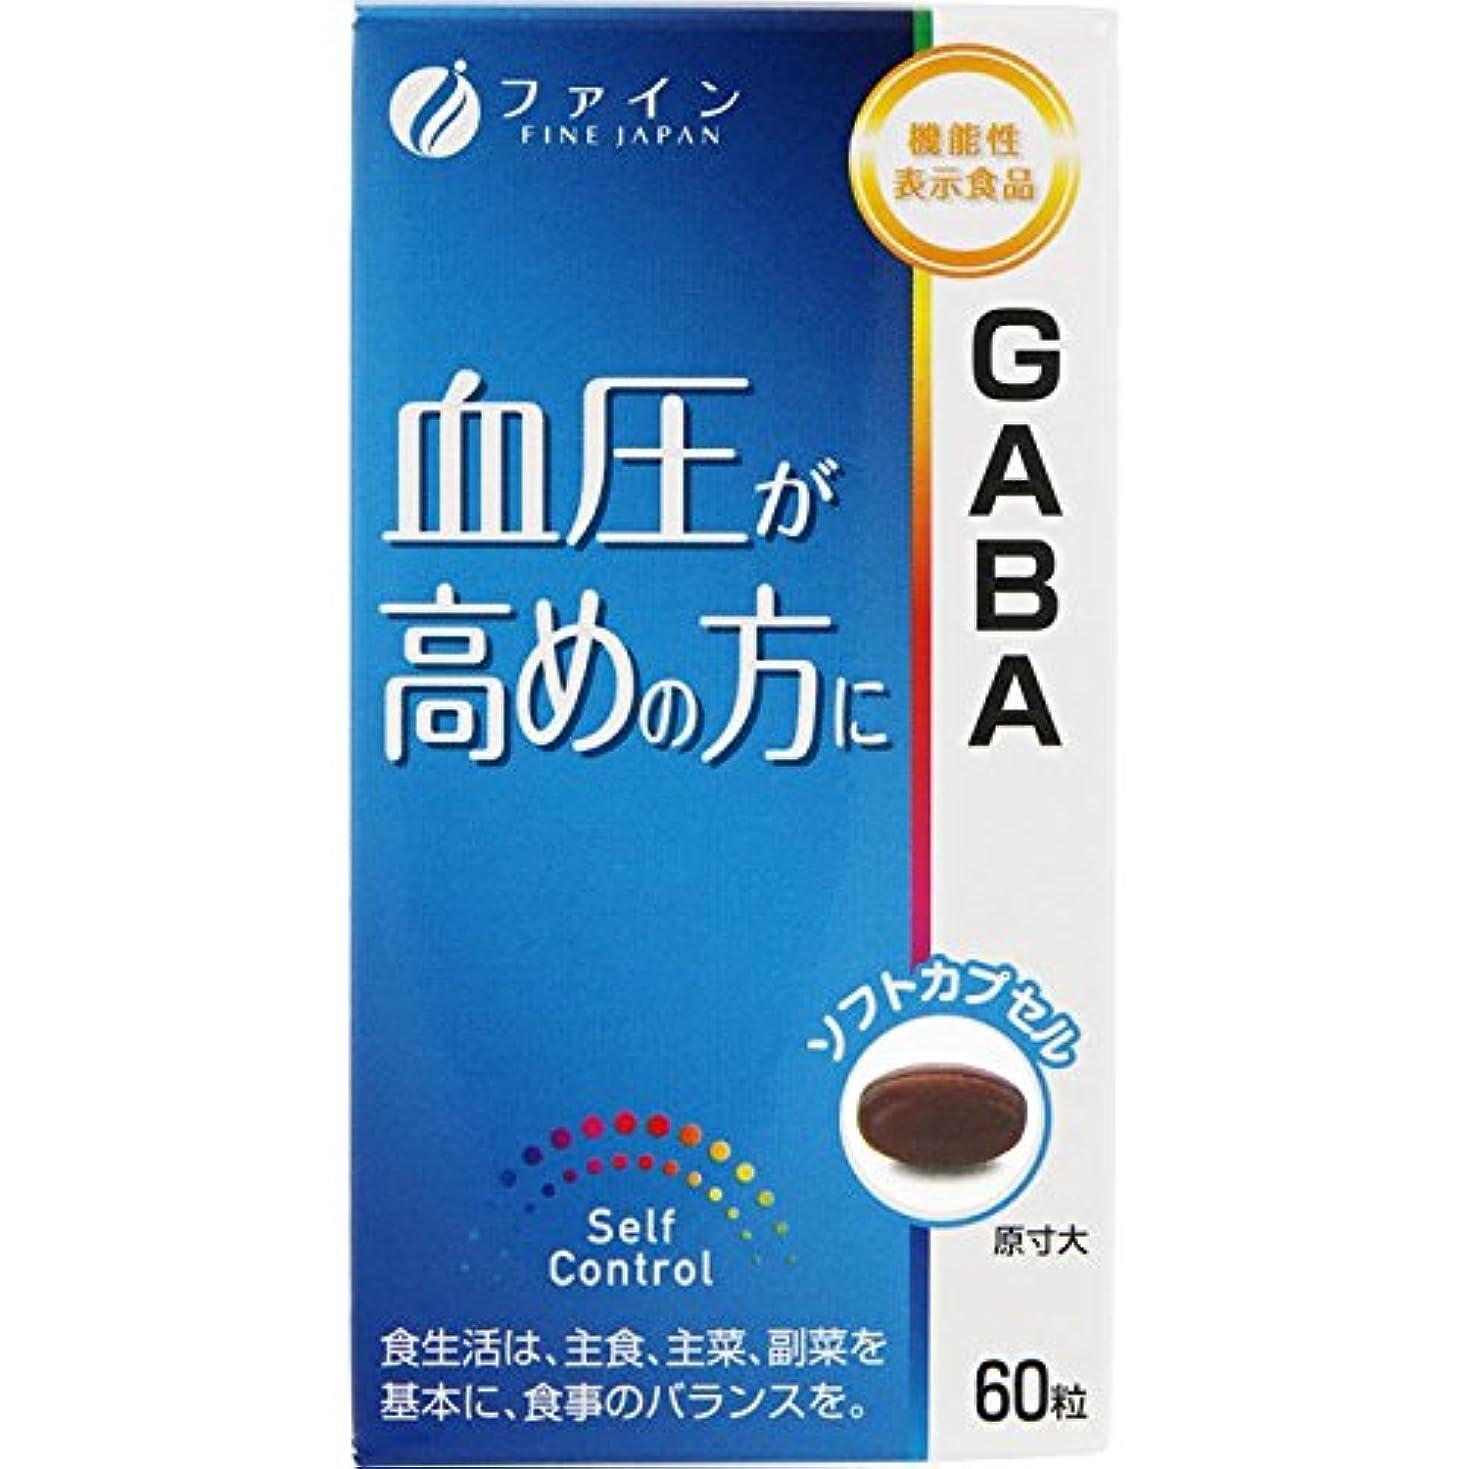 製造助けてループファイン 機能性表示食品 GABA 27g(450mg×60粒)